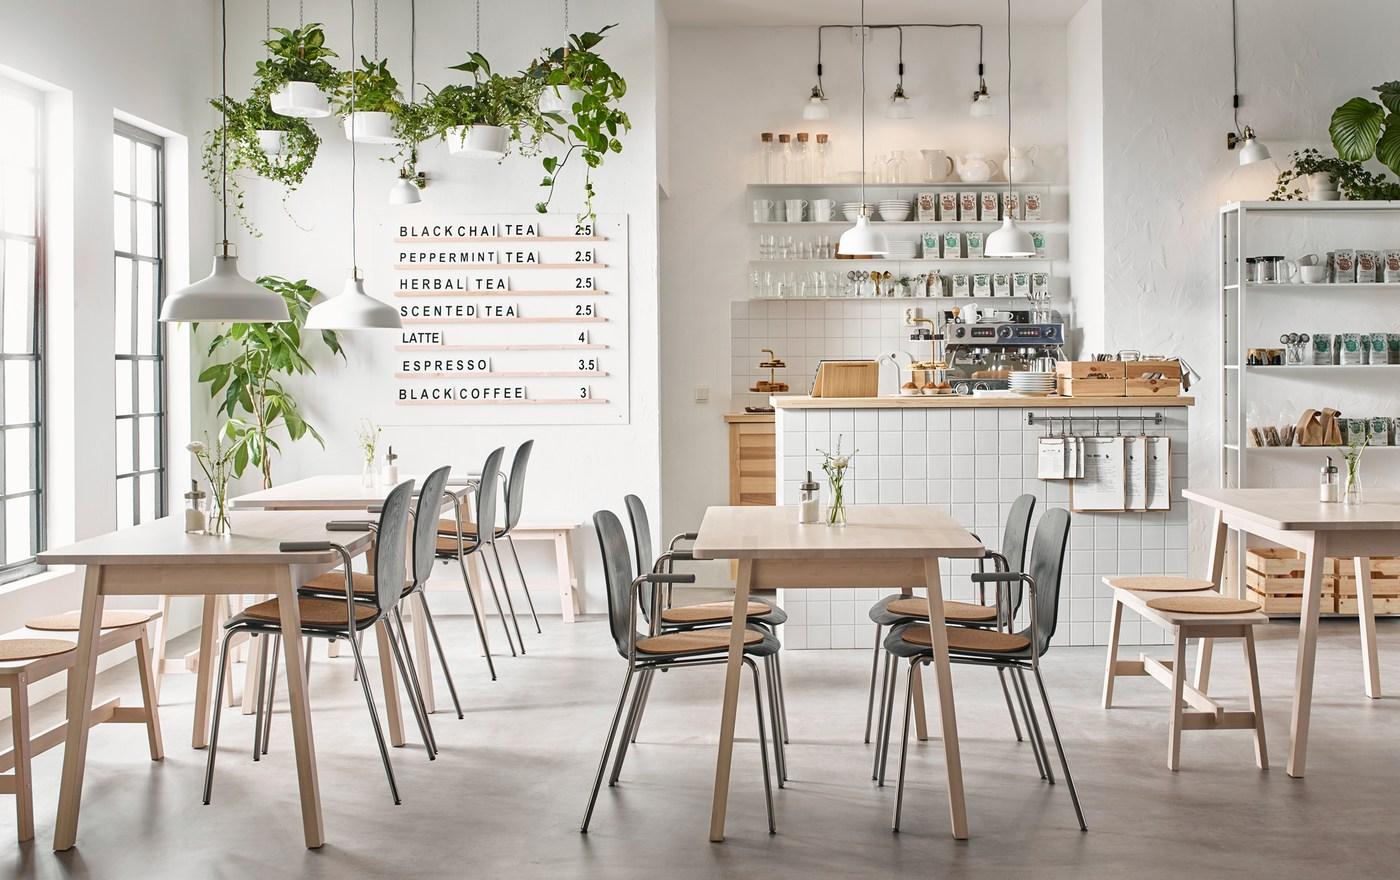 Современное кафе в бежевых, черных и белых тонах; в интерьере использованы белые столы НОРРОКЕР из березы и легкие кресла СВЕН-БЕРТИЛЬ черного цвета с хромированными деталями.